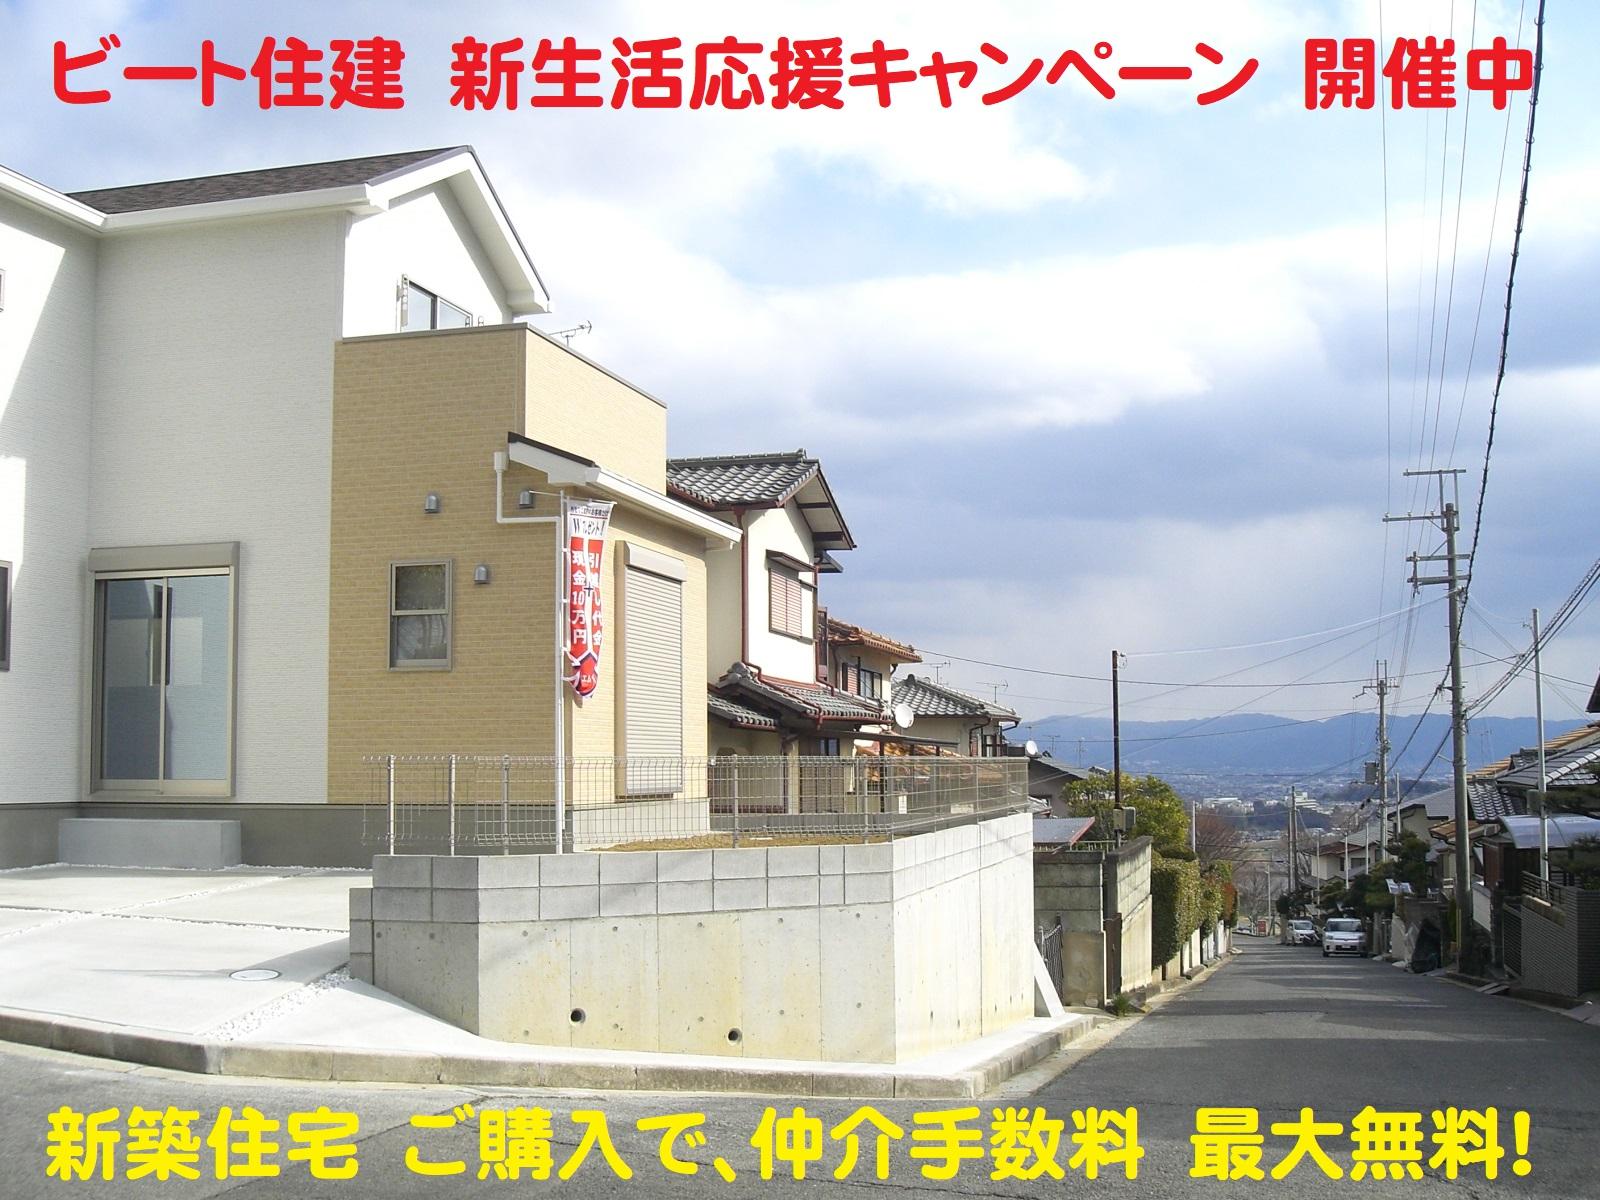 三郷町 城山台 新築 1号棟 2280万円 お買い得 値引き歓迎です!